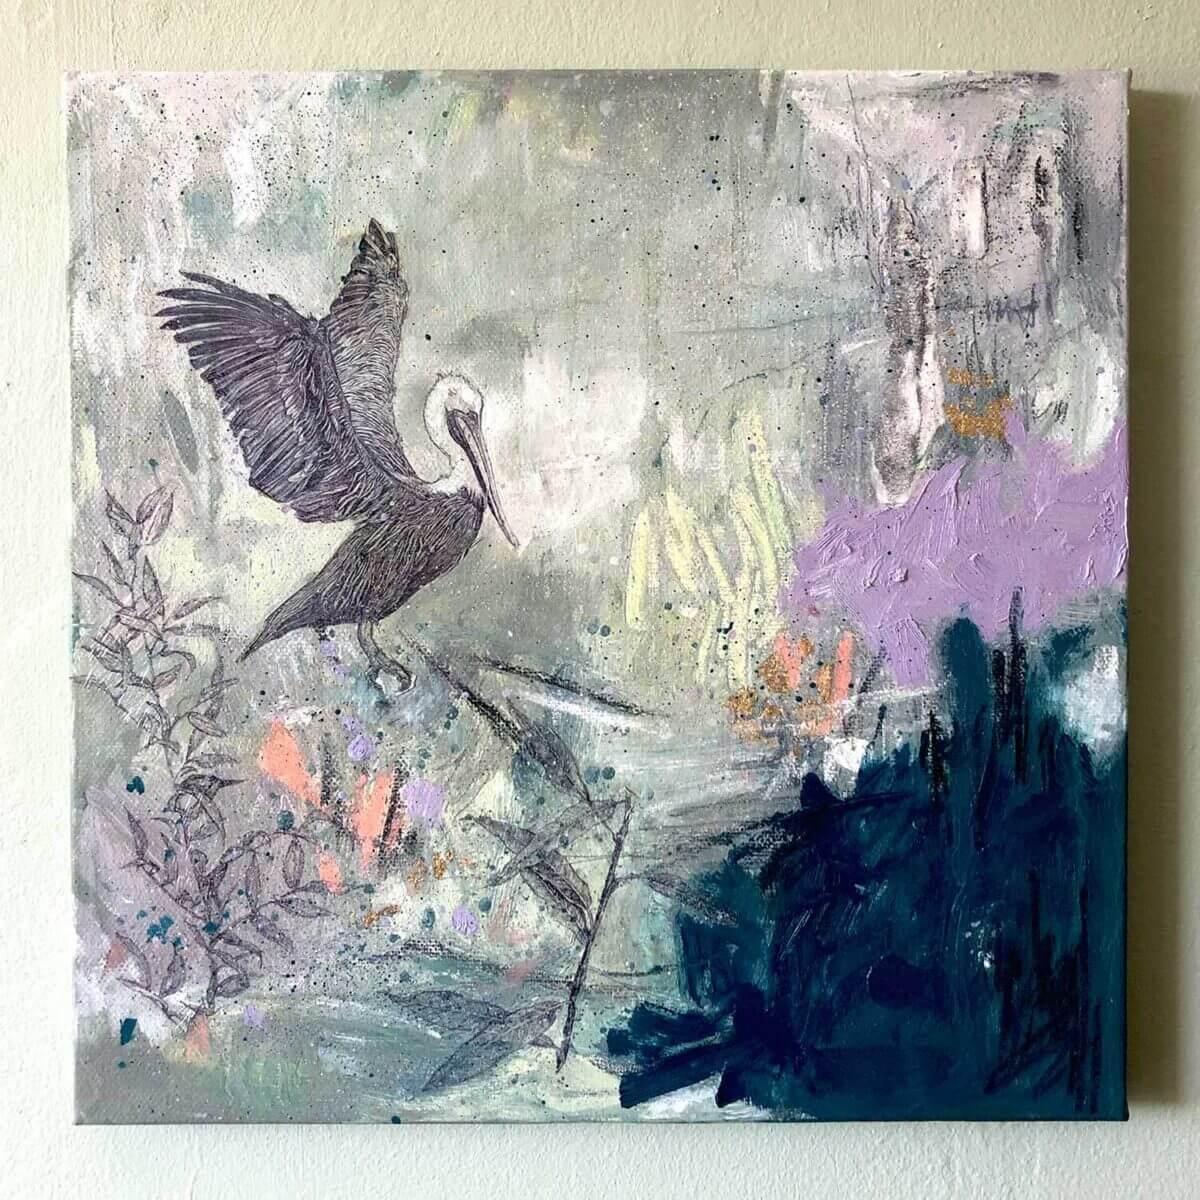 Sojourn-Original-Painting-Sky-Siouki